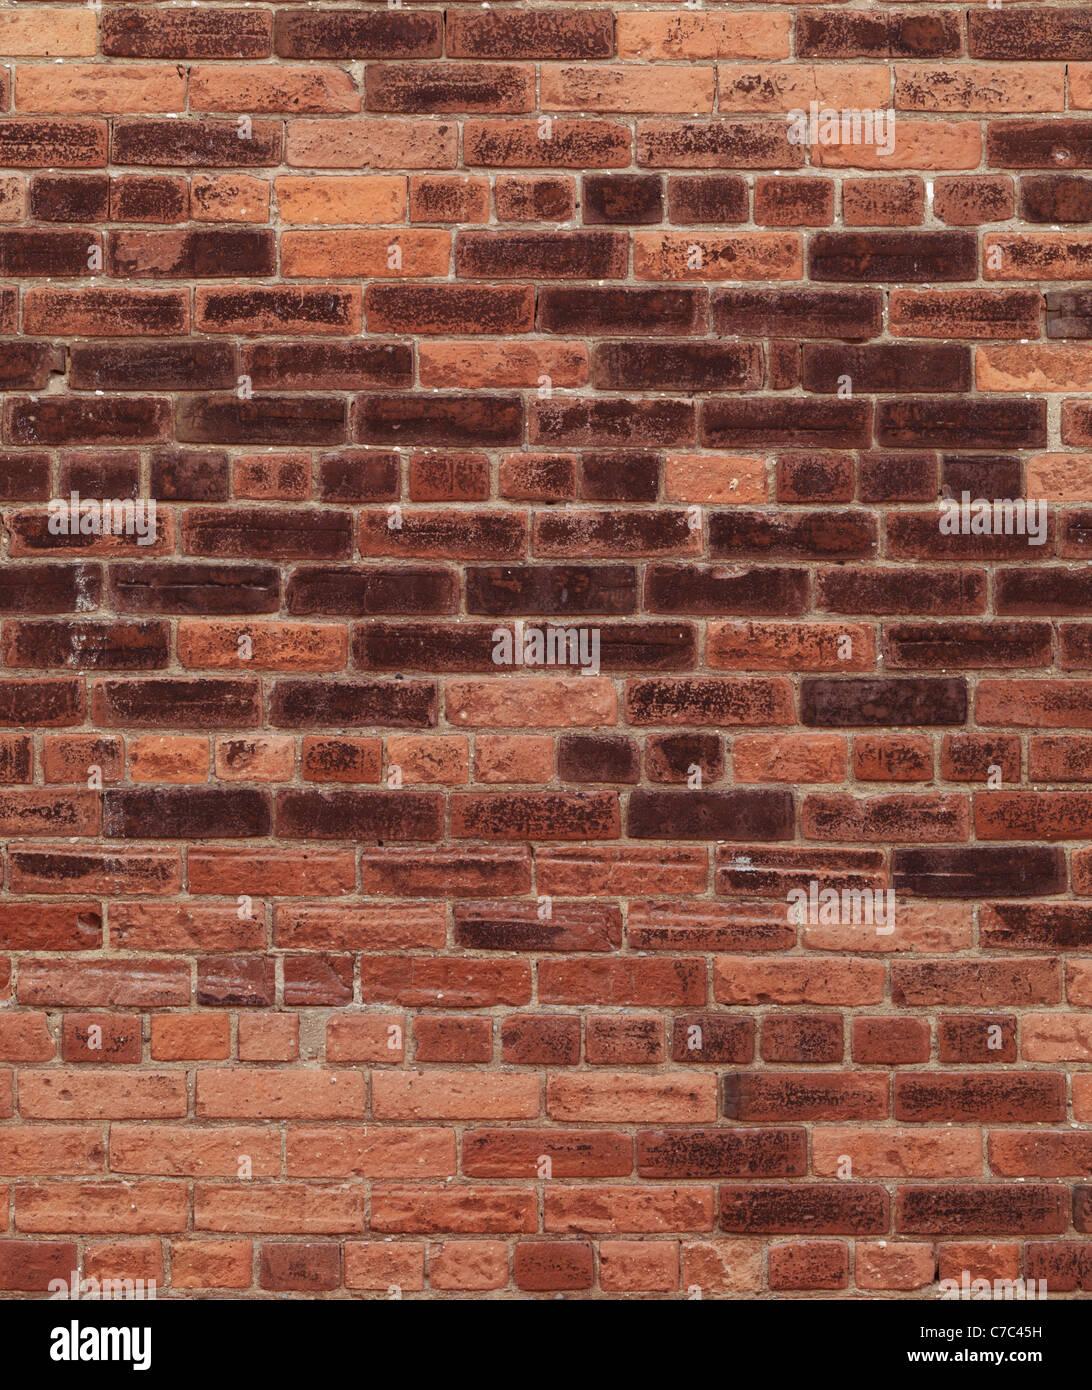 Alte rote Ziegel Wand Textur Hintergrund. Hohe Auflösung qualitativ hochwertige Foto. Stockbild